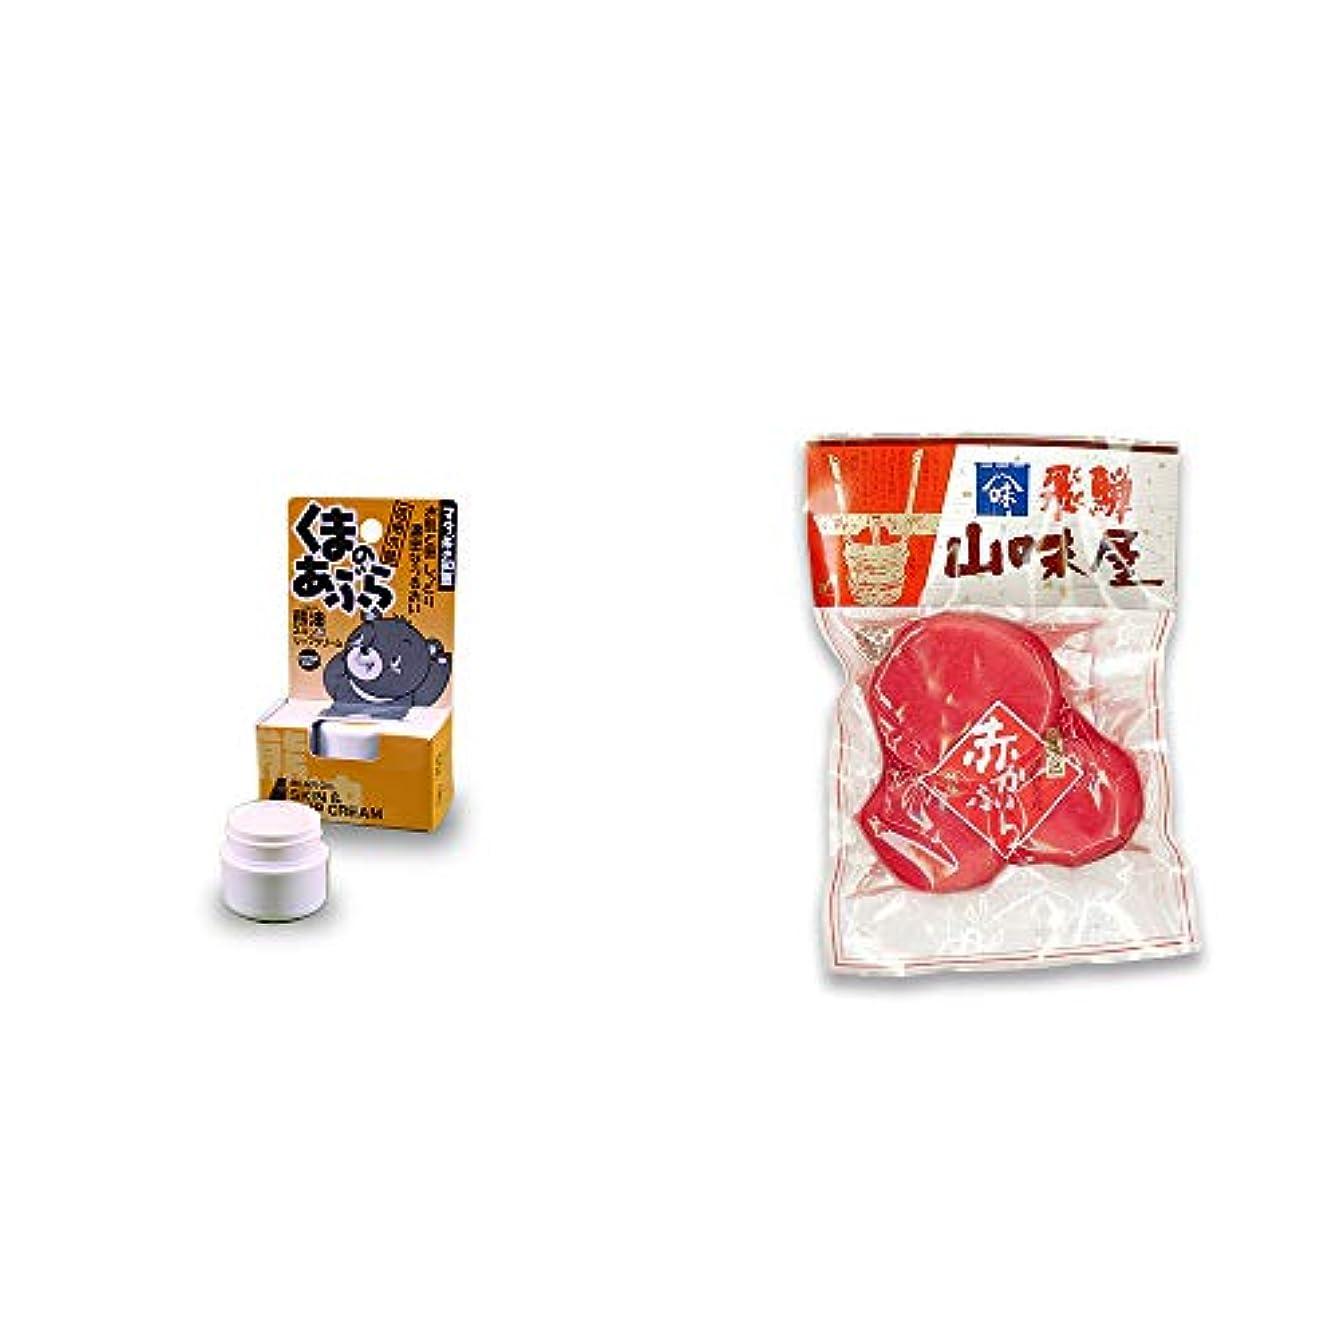 計画噴出するカセット[2点セット] 信州木曽 くまのあぶら 熊油スキン&リップクリーム(9g)?飛騨山味屋 赤かぶら【大】(230g)[赤かぶ漬け]